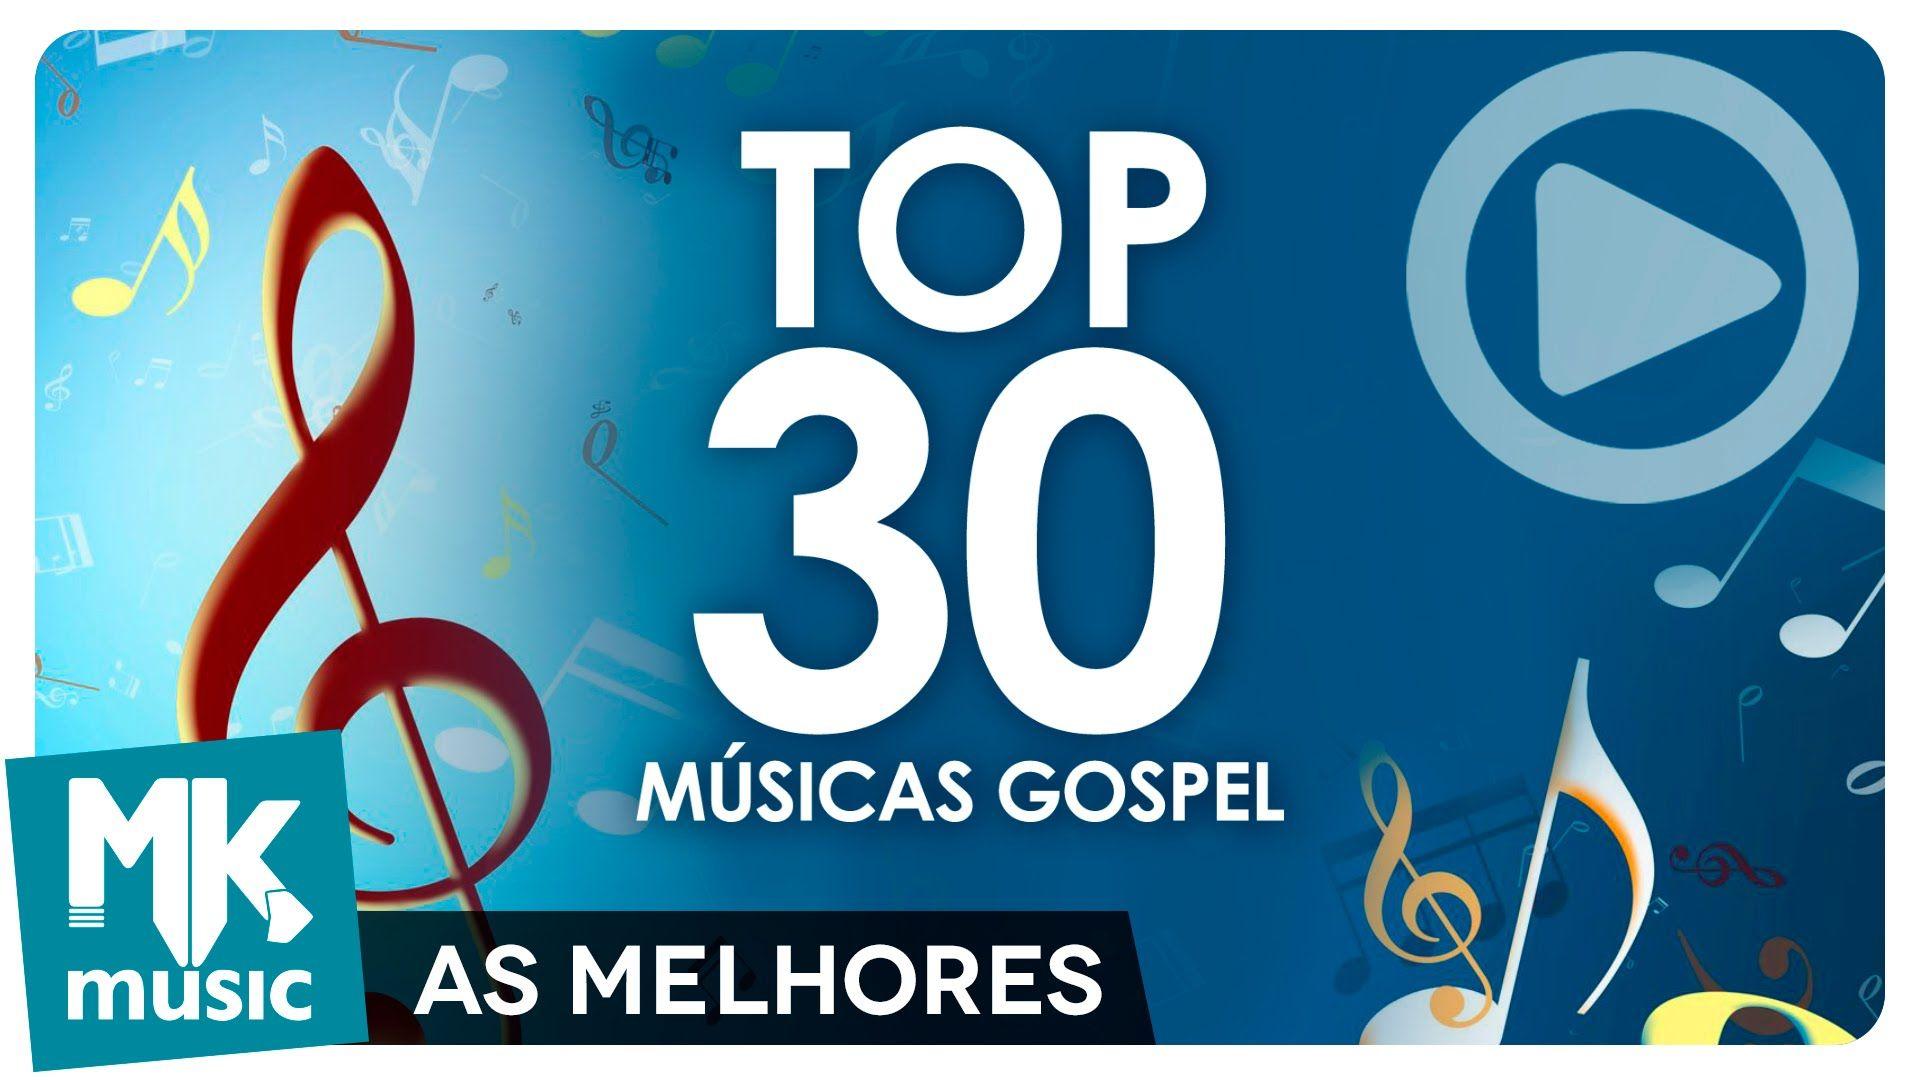 As 30 Melhores Musicas Gospel E Mais Tocadas Top 30 Gospel